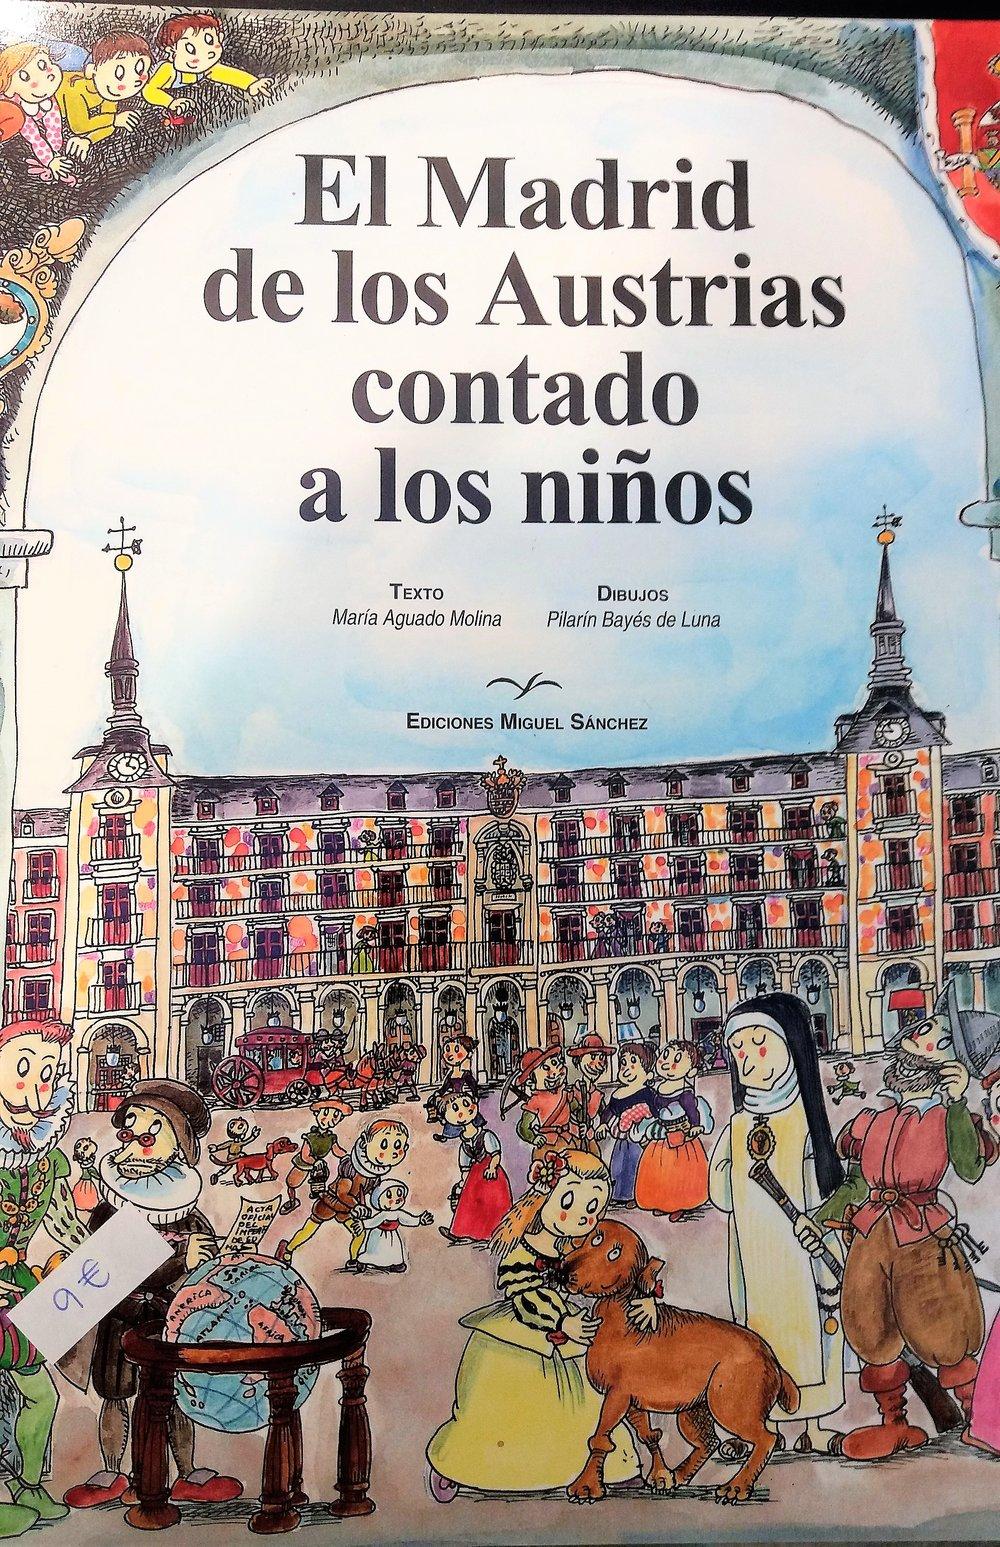 AGUADO MOLINA, María.El Madrid de los Austrias contado a los niños.Madrid: Ediciones Miguel Sánchez, 2006.